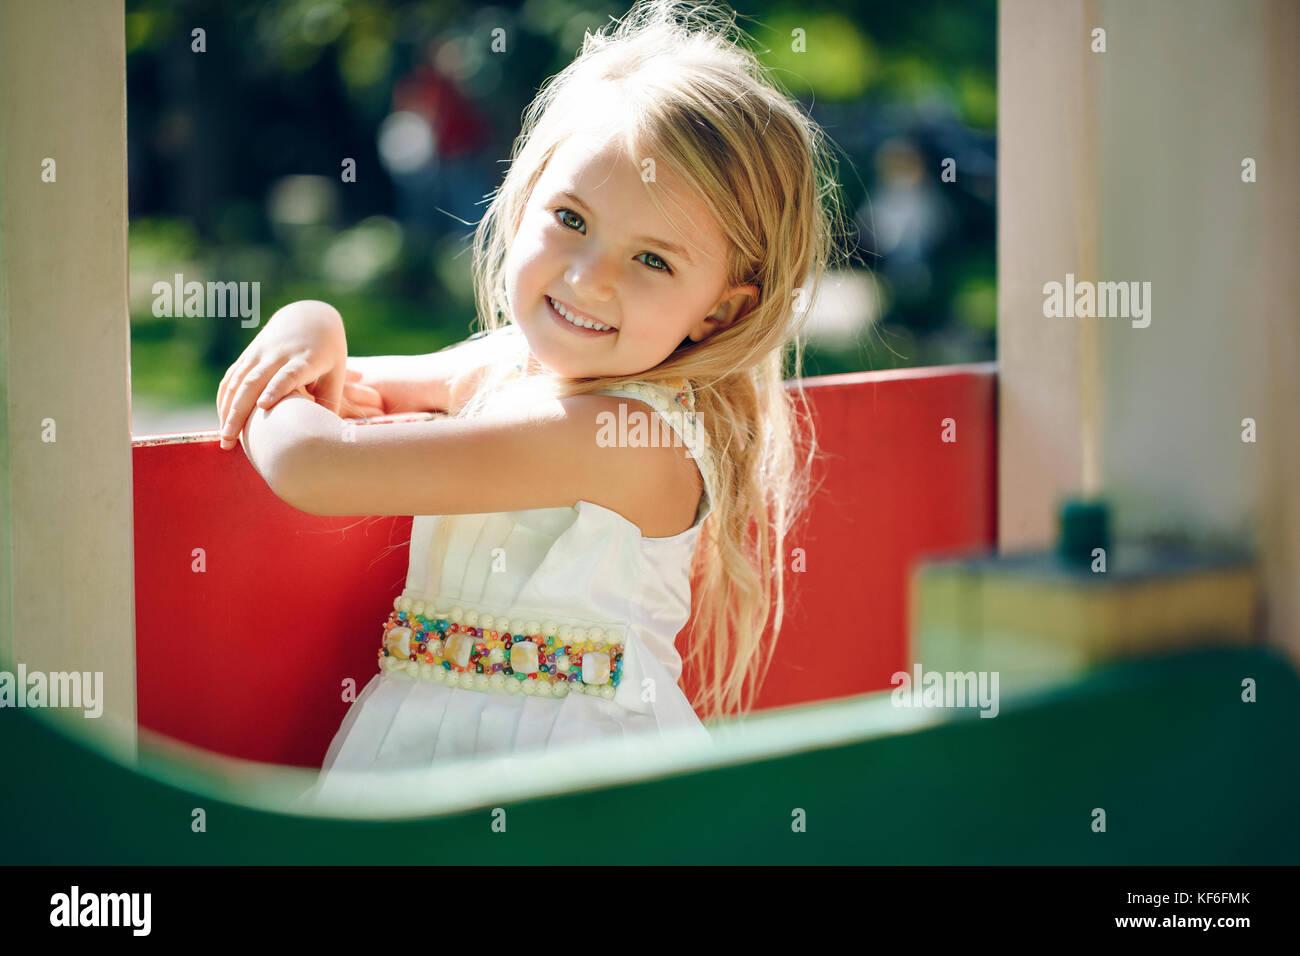 El verano, la infancia, el ocio, los gestos y el concepto de pueblo - feliz niña jugando en el patio de recreo Imagen De Stock